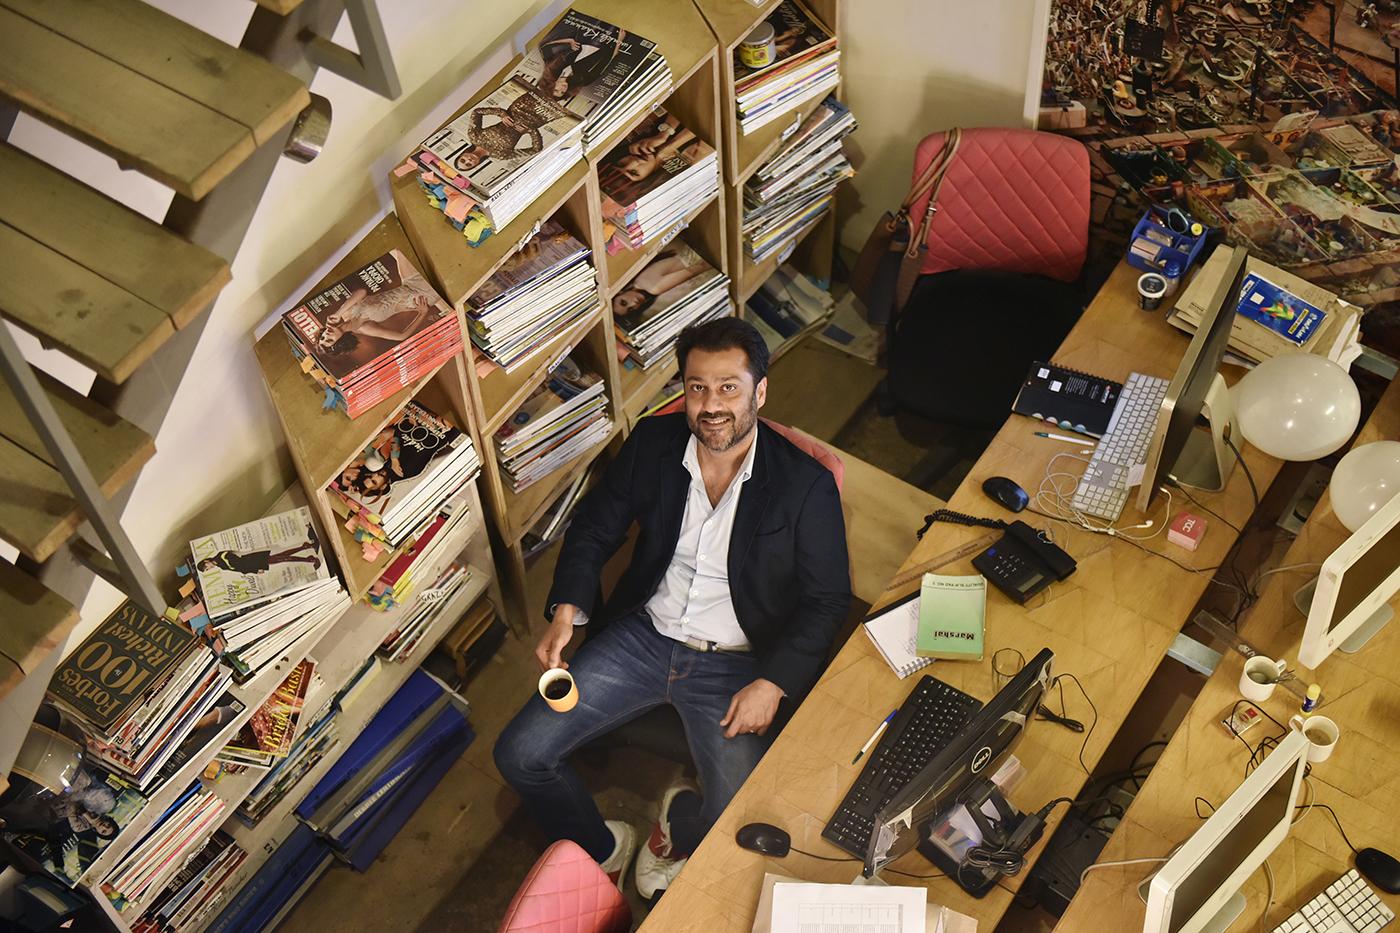 Abhishek Kapoor, director, portrait